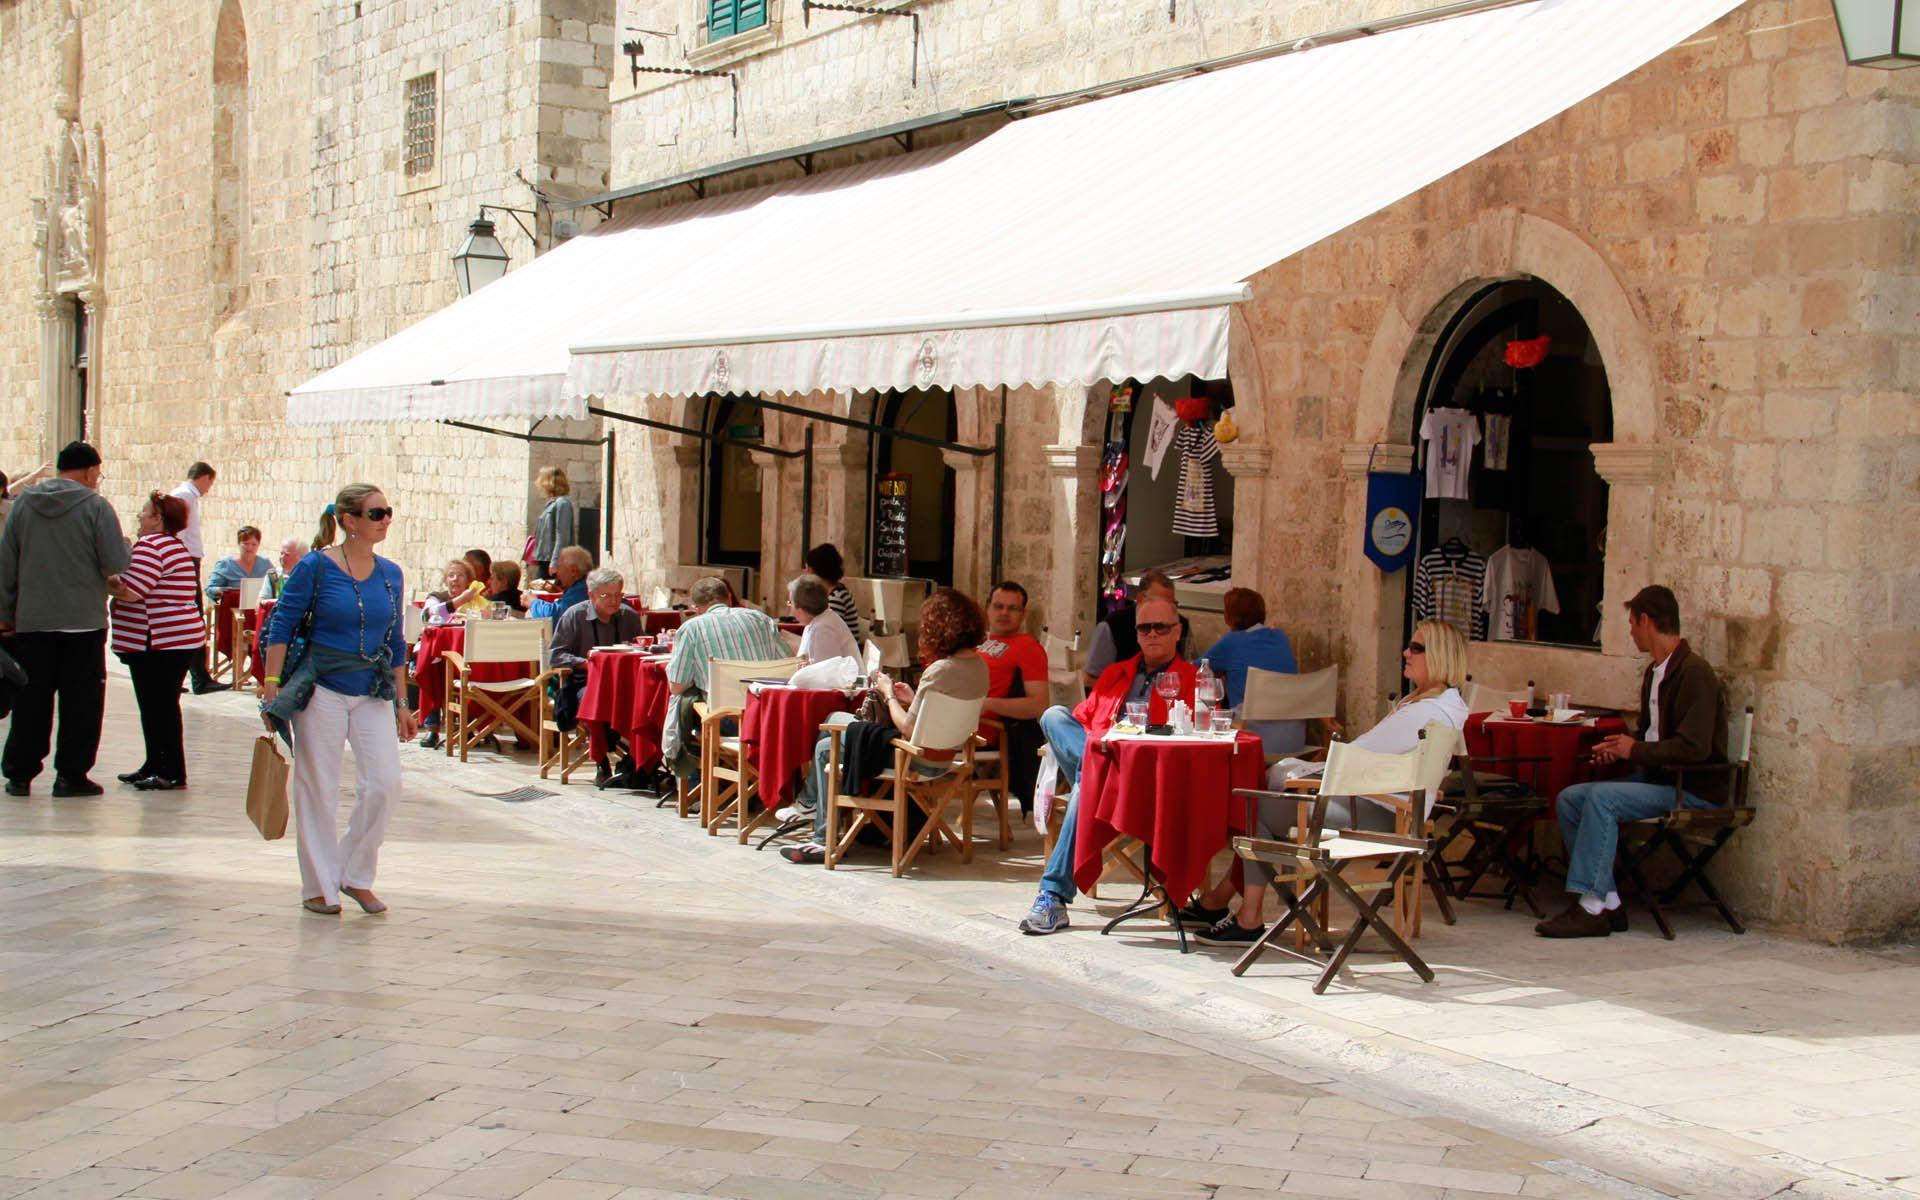 Cafe Festival Dubrovnik Croacia